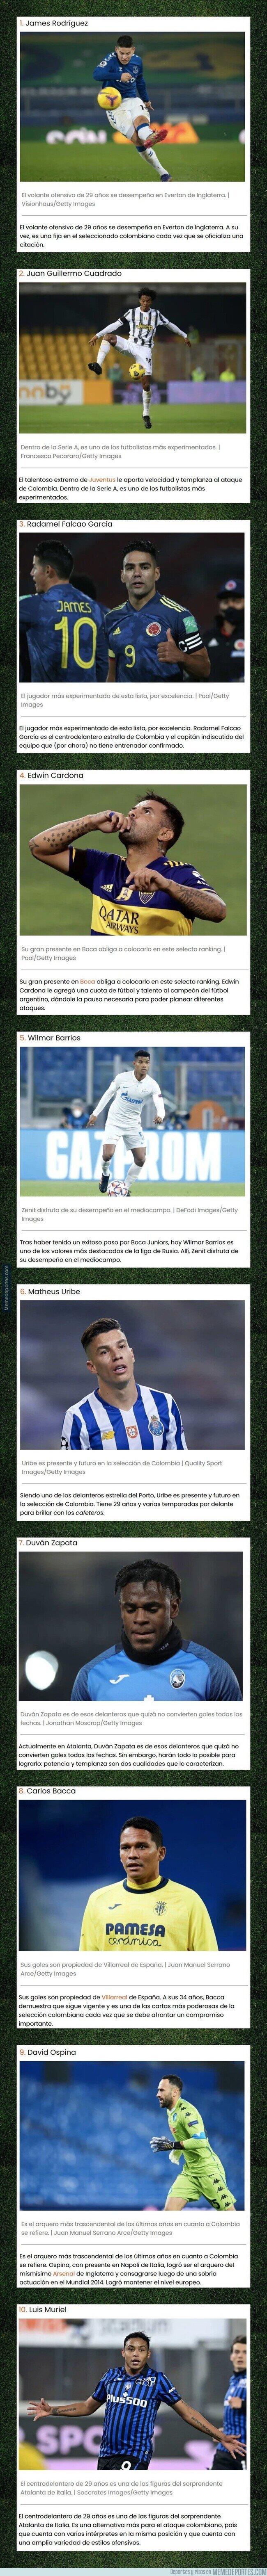 1121802 - Los 10 mejores futbolistas colombianos que juegan en el Mundo que maravillan a todos cada fin de semana